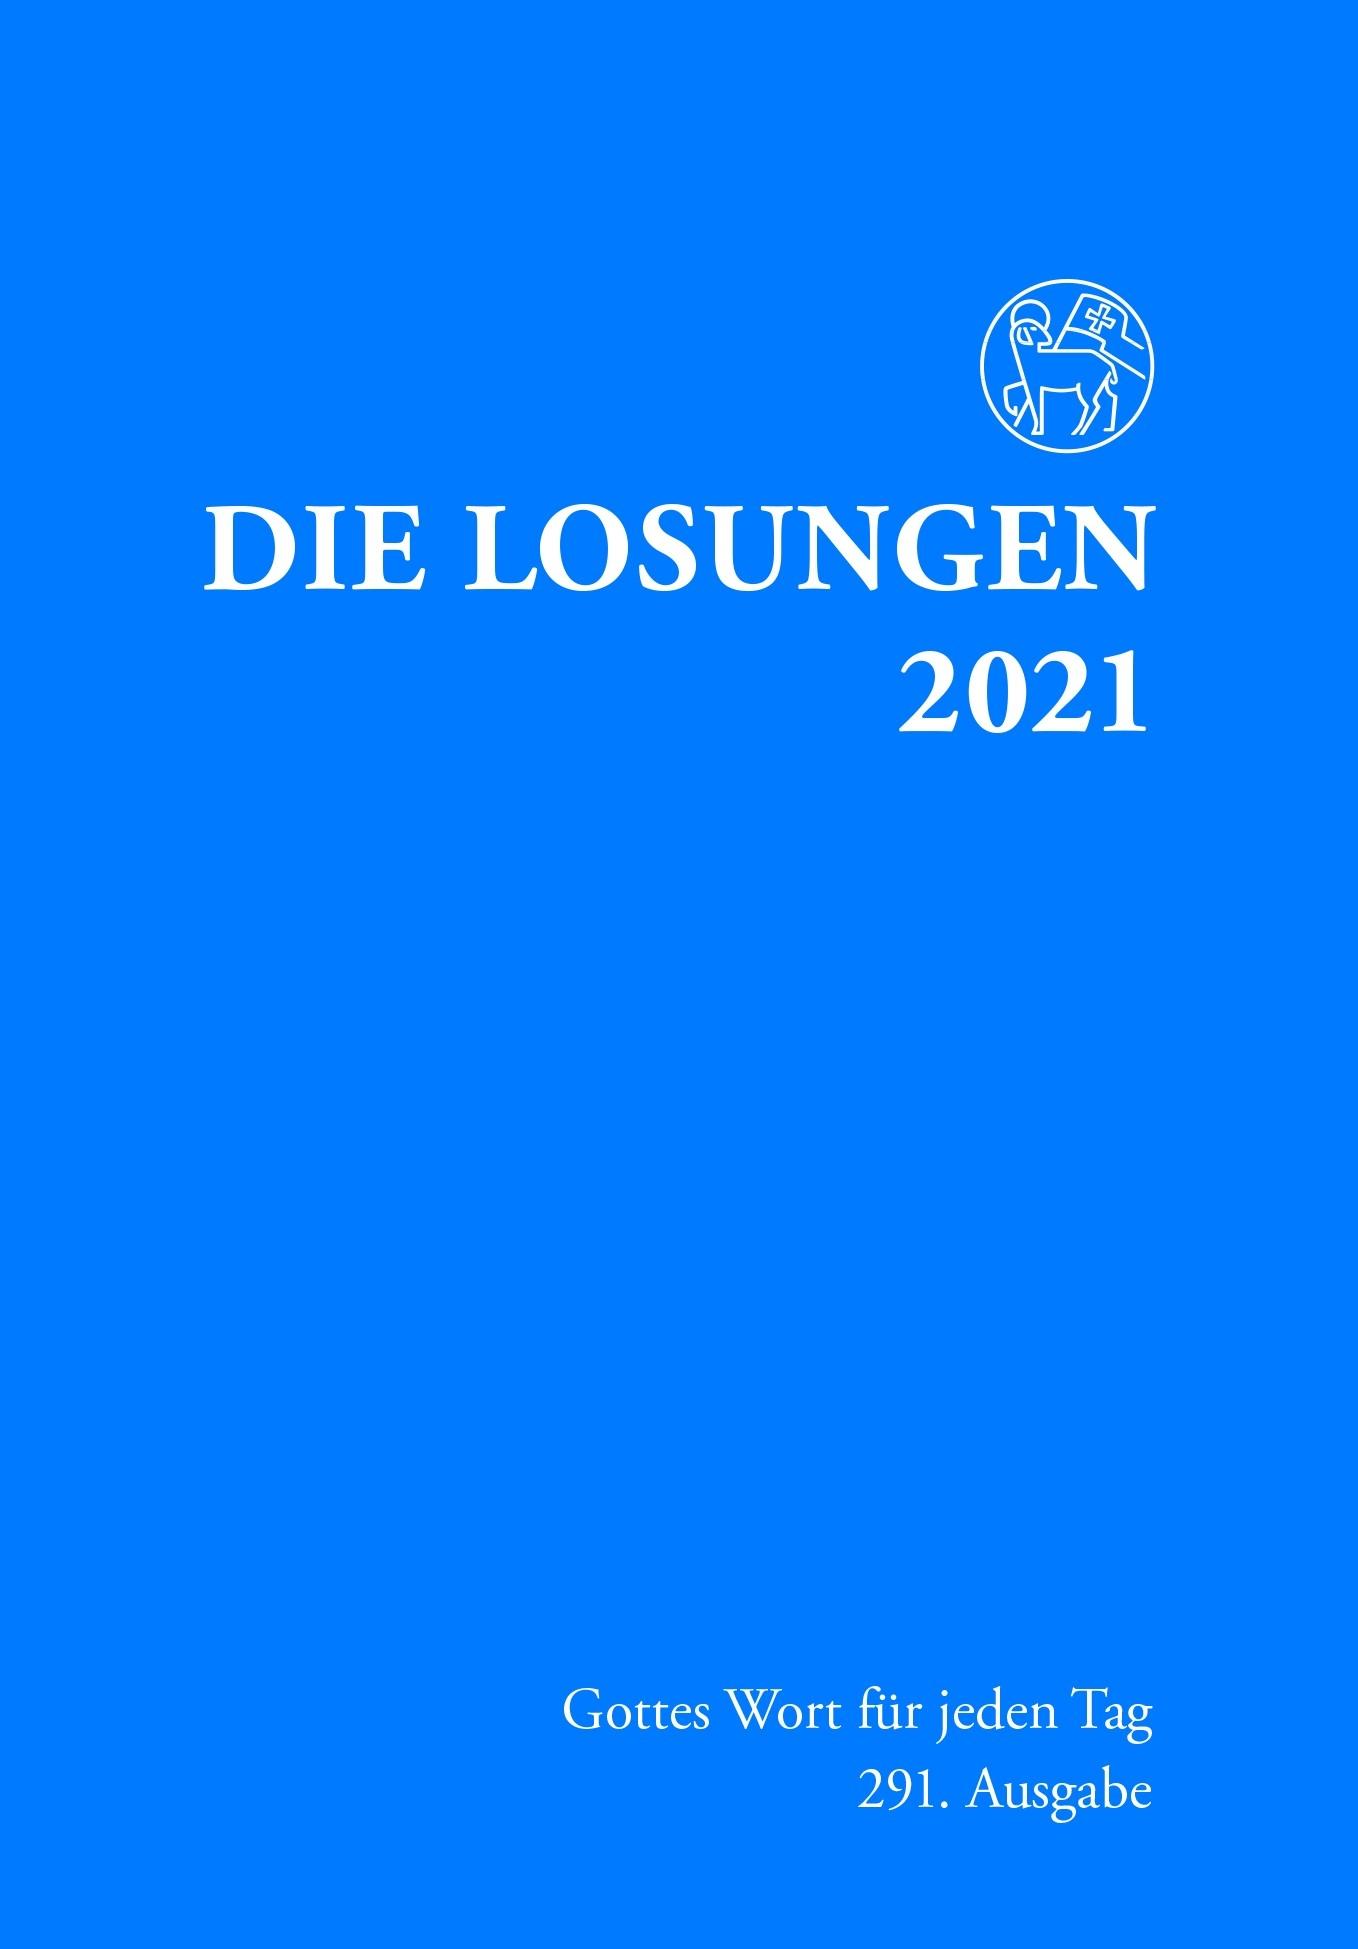 Losungen 2021 dunkelblau, Normalausgabe